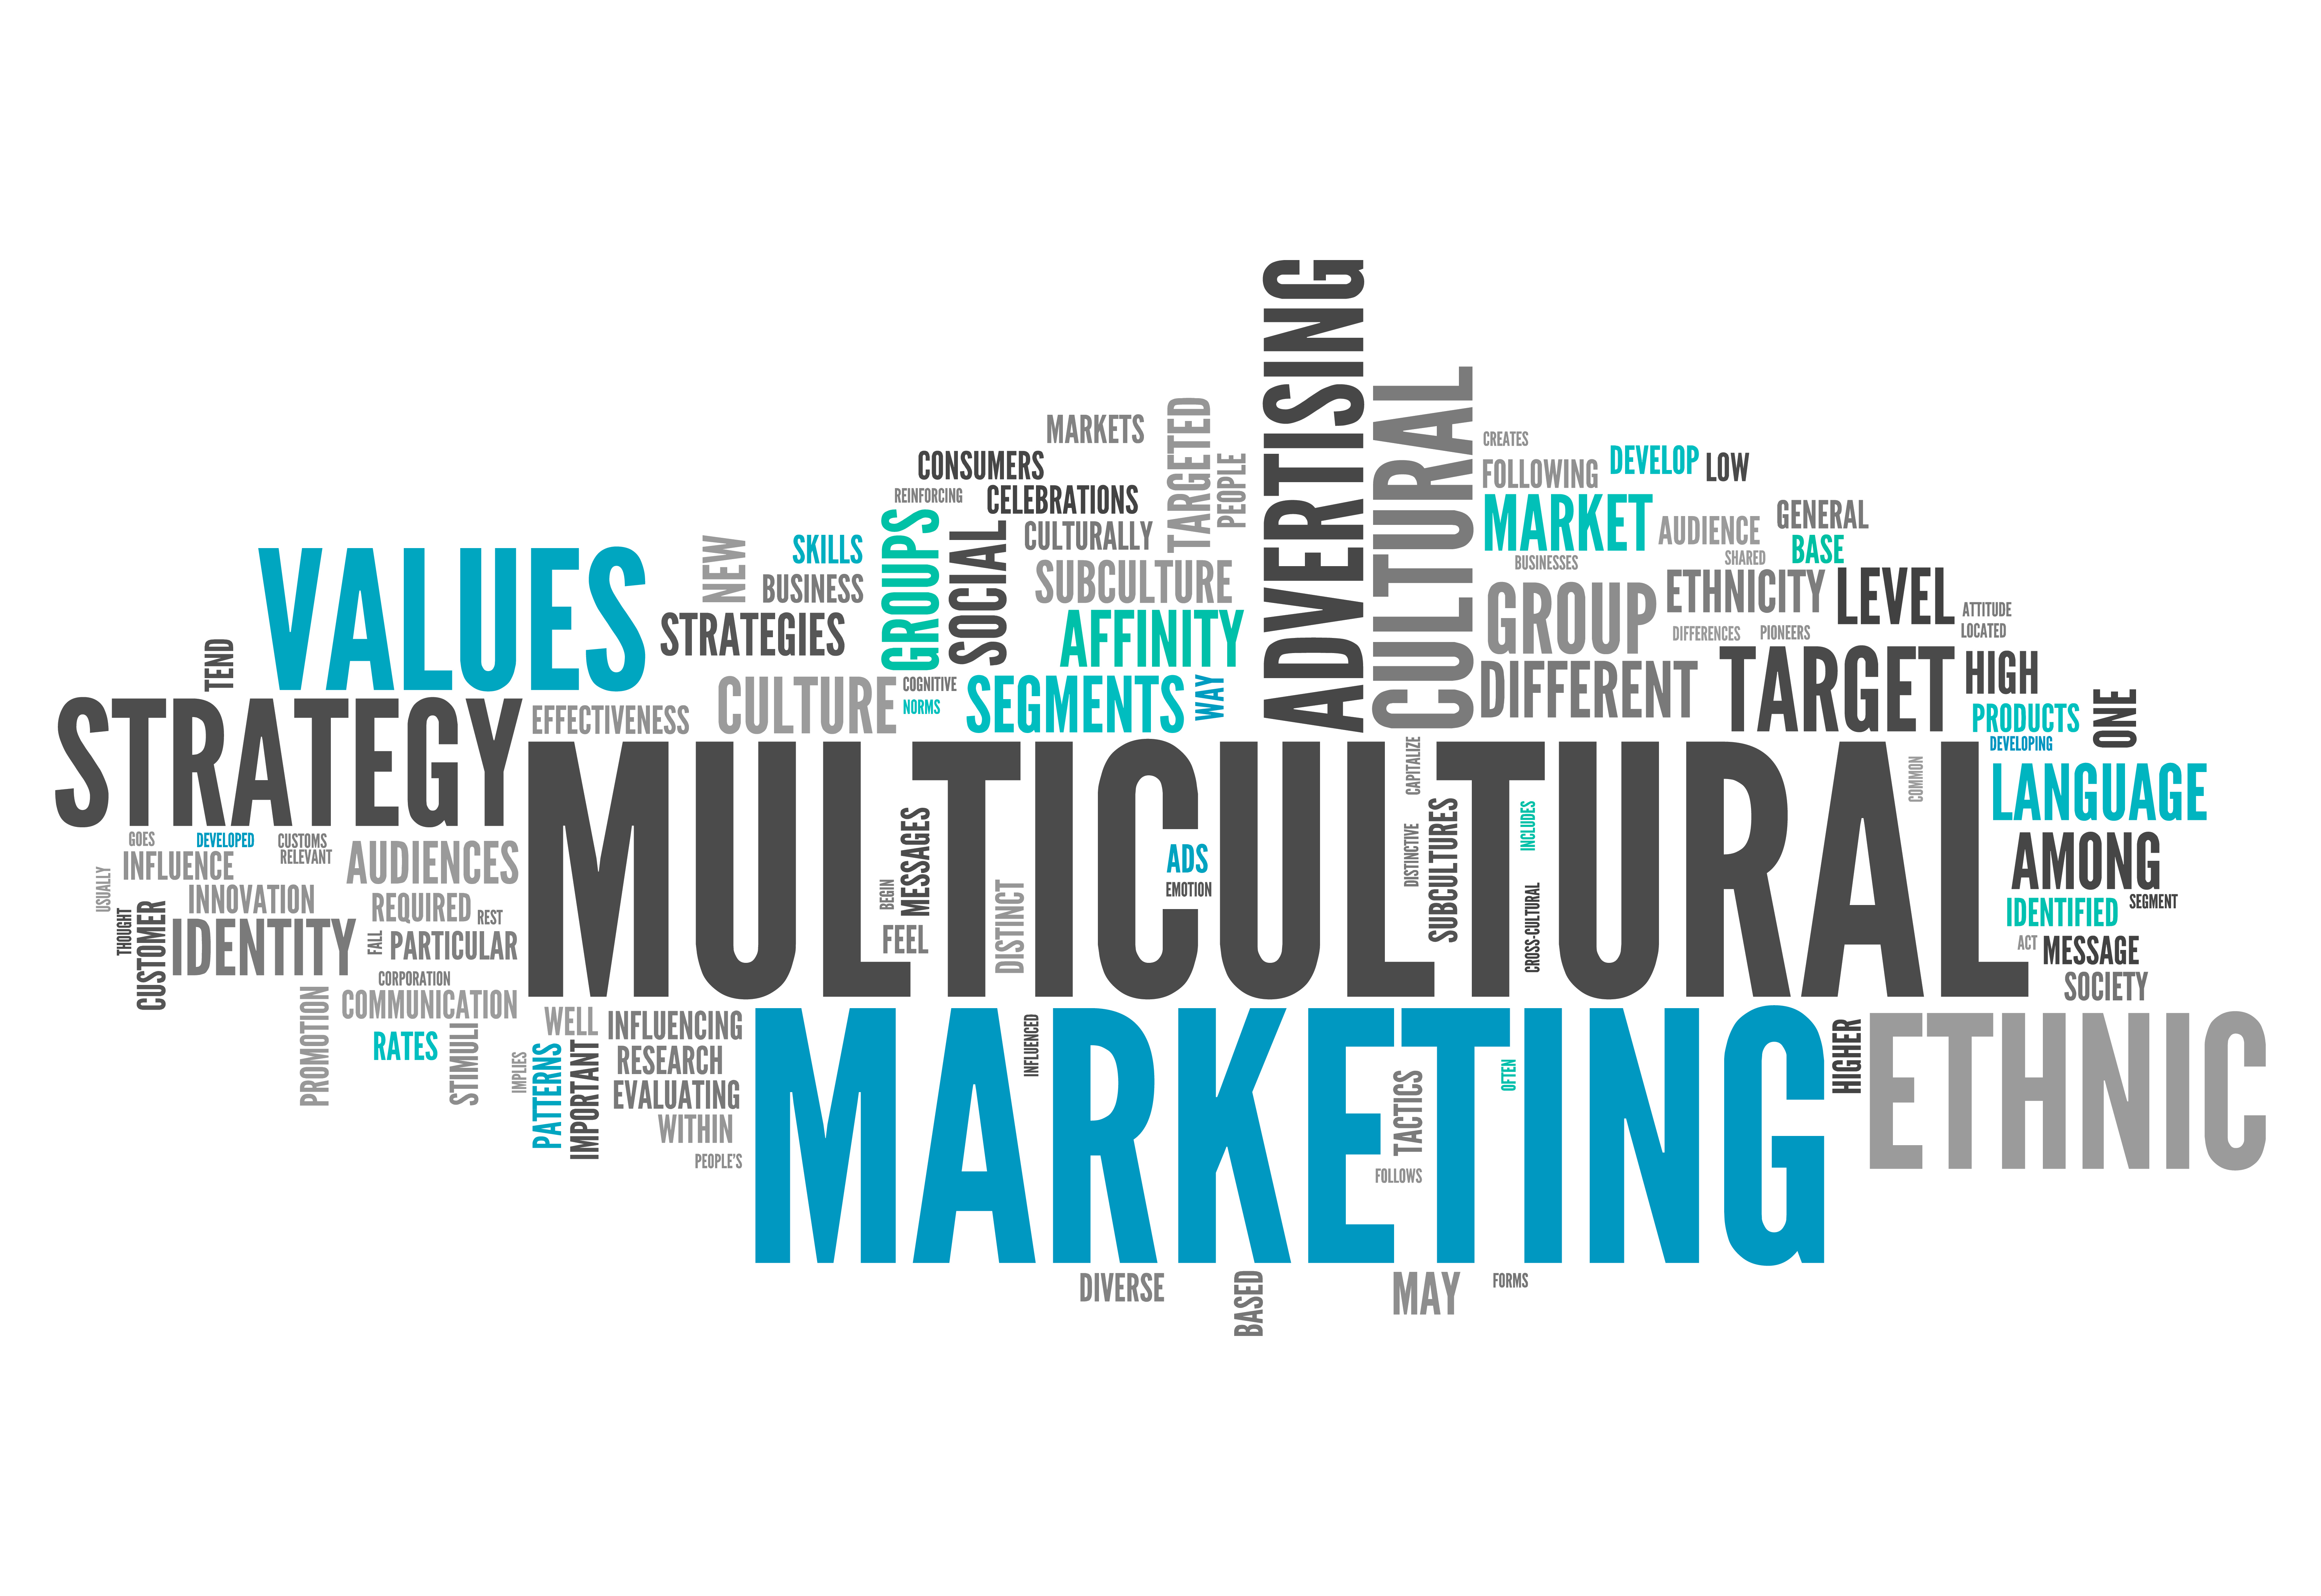 Vortrag: Mit kleinem Werbebudget in Kürze den maximalen Marketingerfolg erzielen